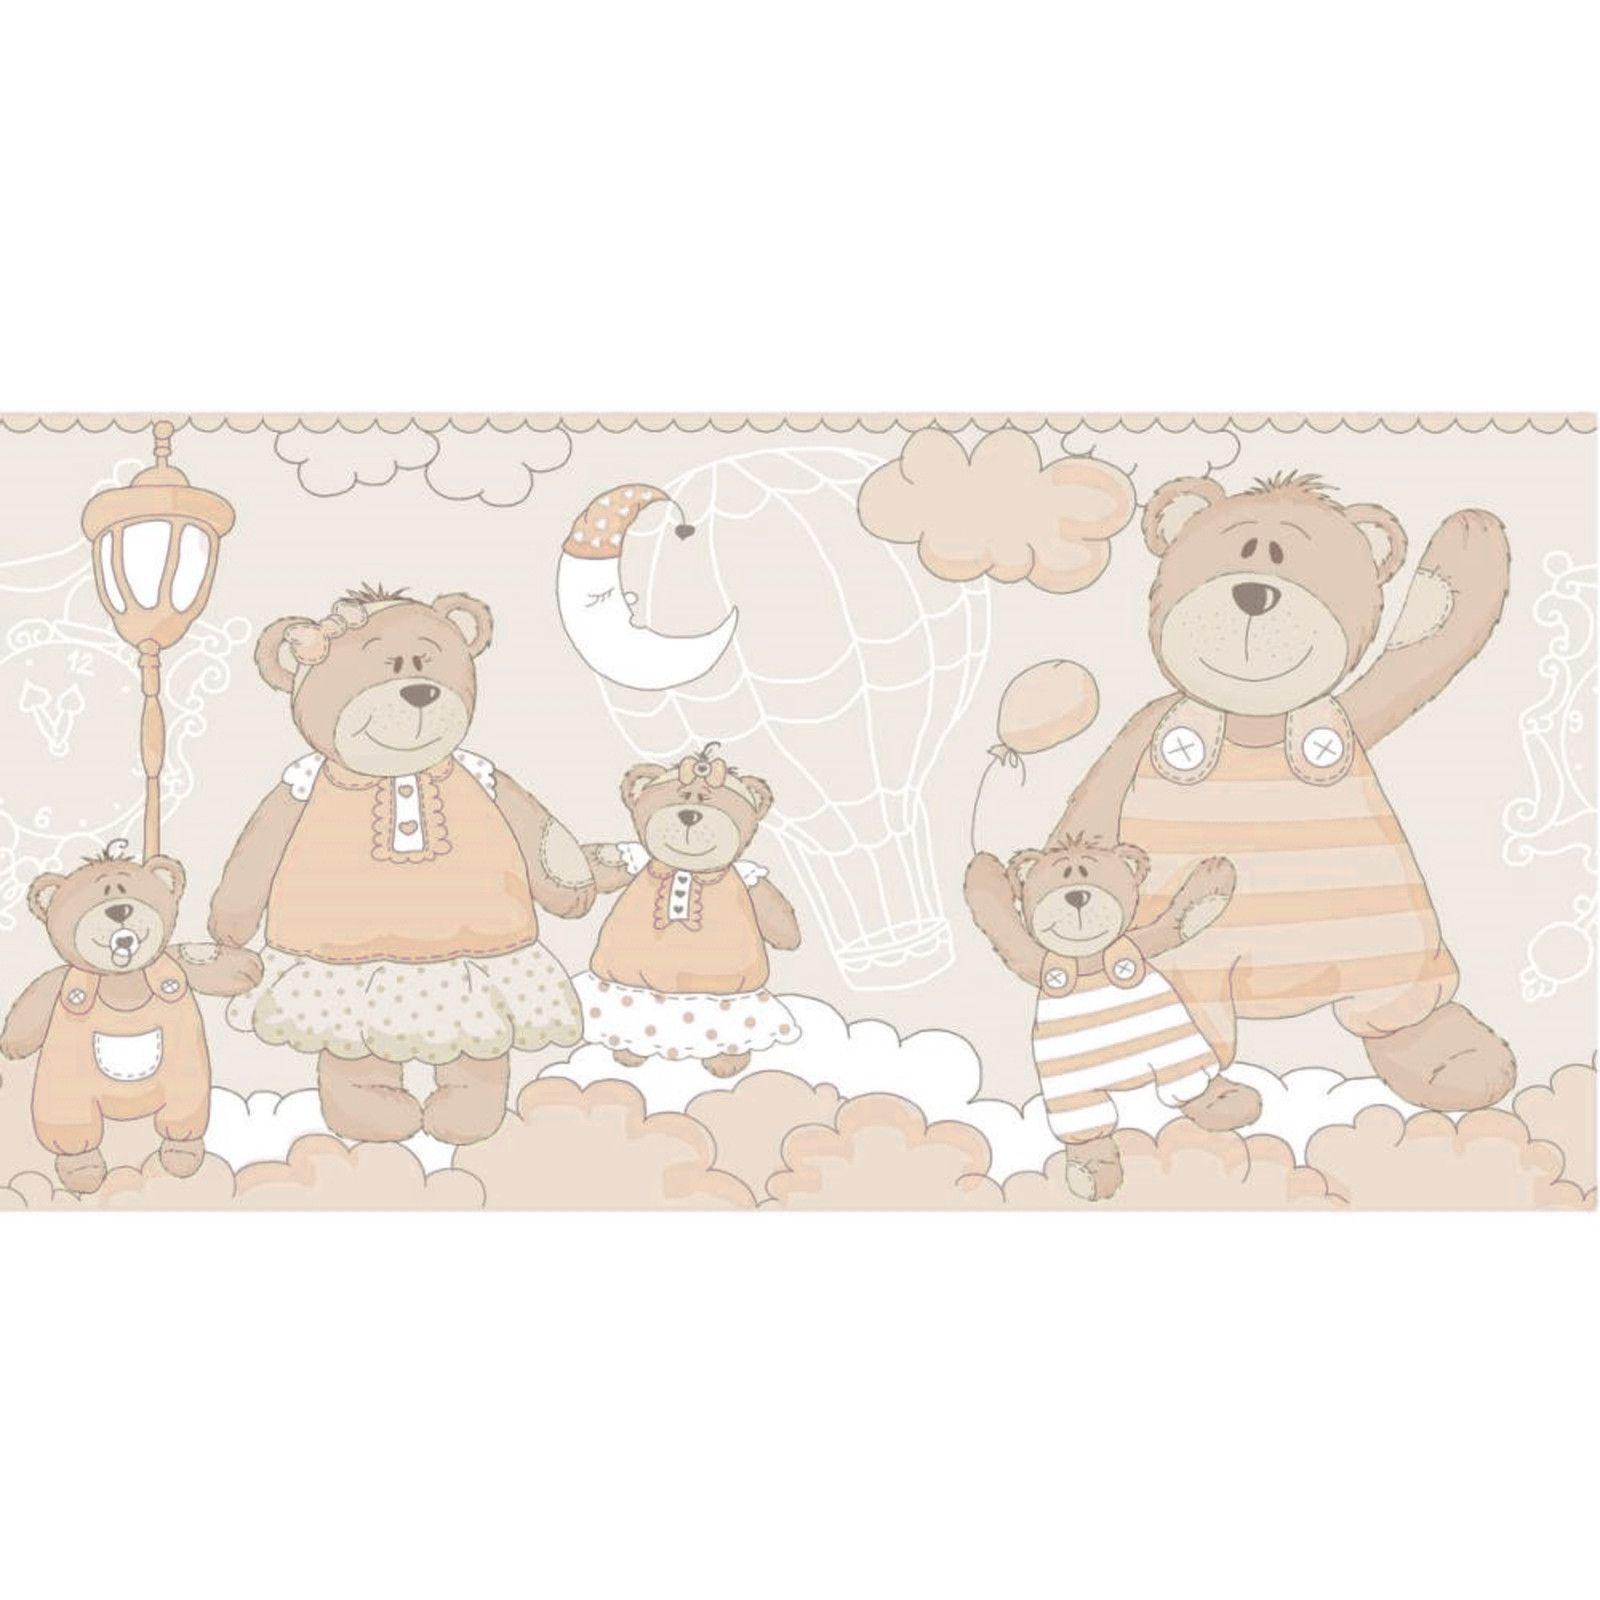 Faixa Papel de parede  Infantil Coleção Olá Baby 2 Ursos Tons de Bege, Marfim